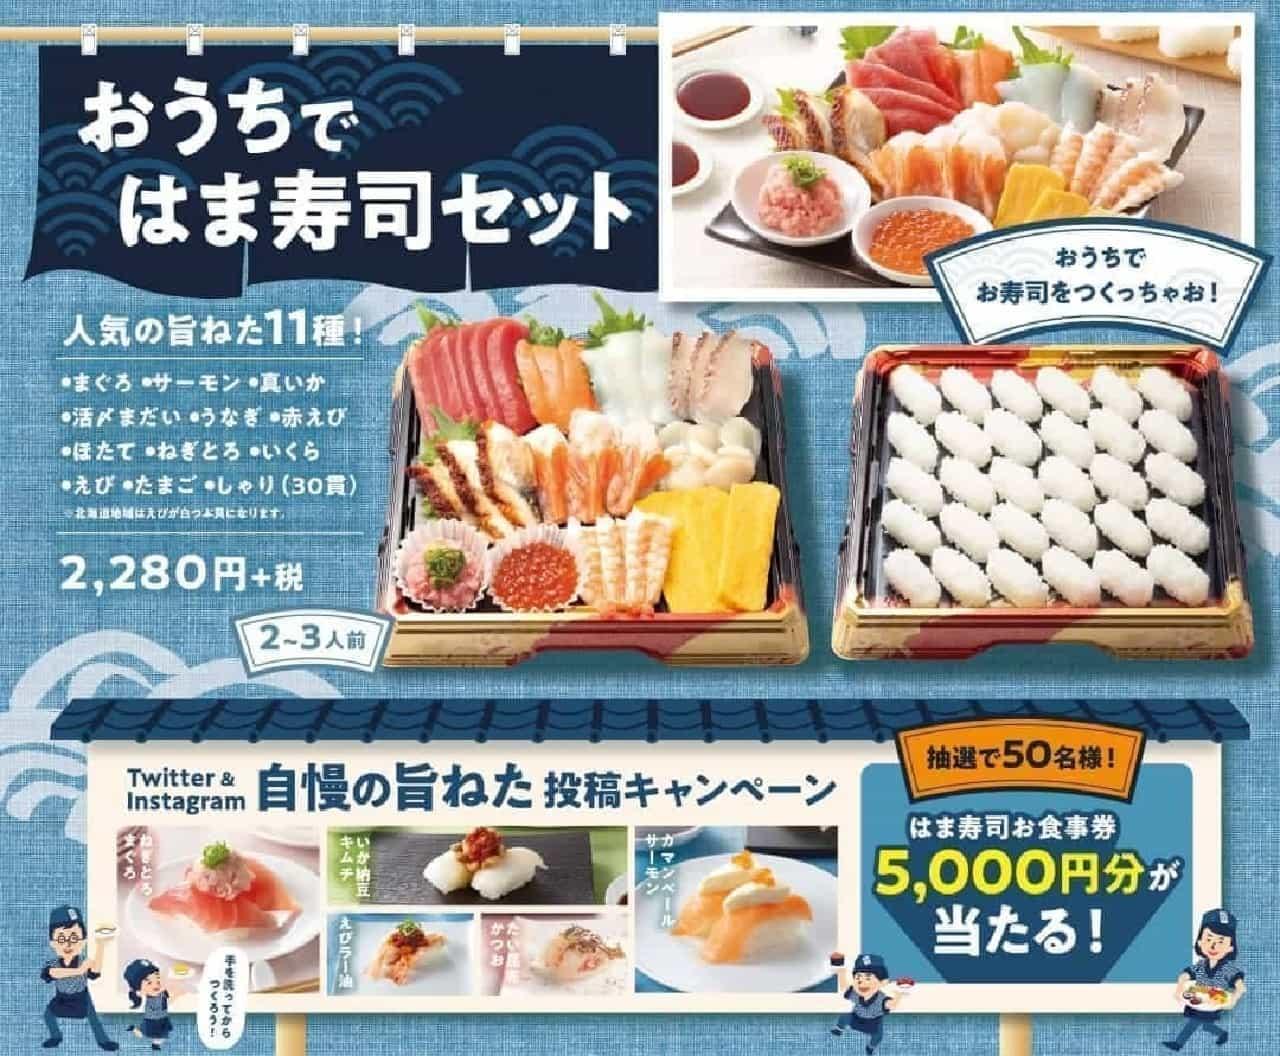 は ま 寿司 テイクアウト メニュー